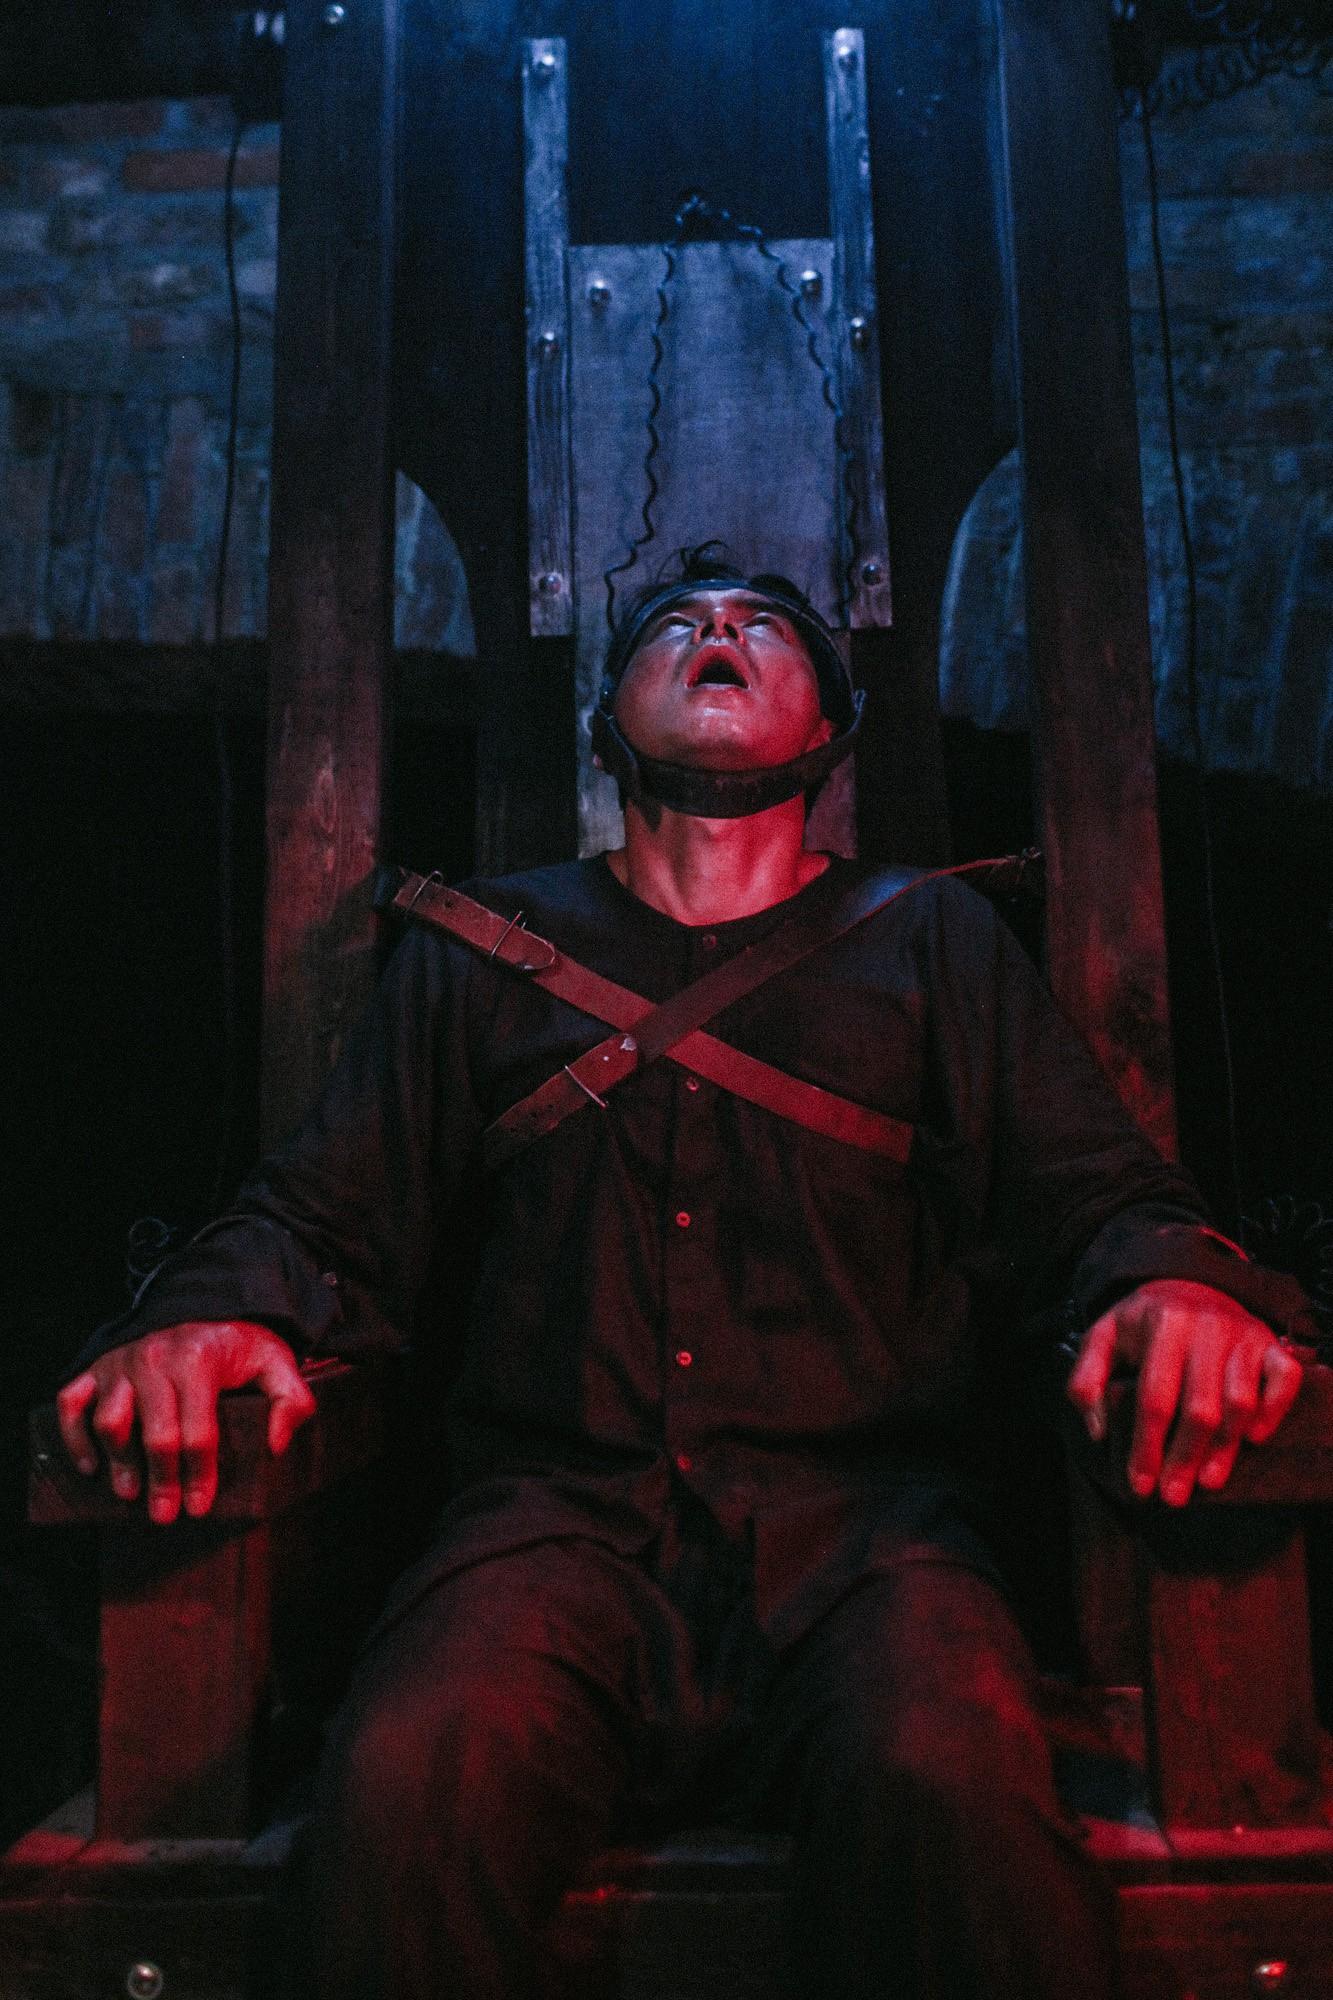 Đừng nghĩ Người Bất Tử là phim kinh dị hù dọa giật mình cho vui, phim còn có 5 bài học rất đáng suy ngẫm - Ảnh 8.